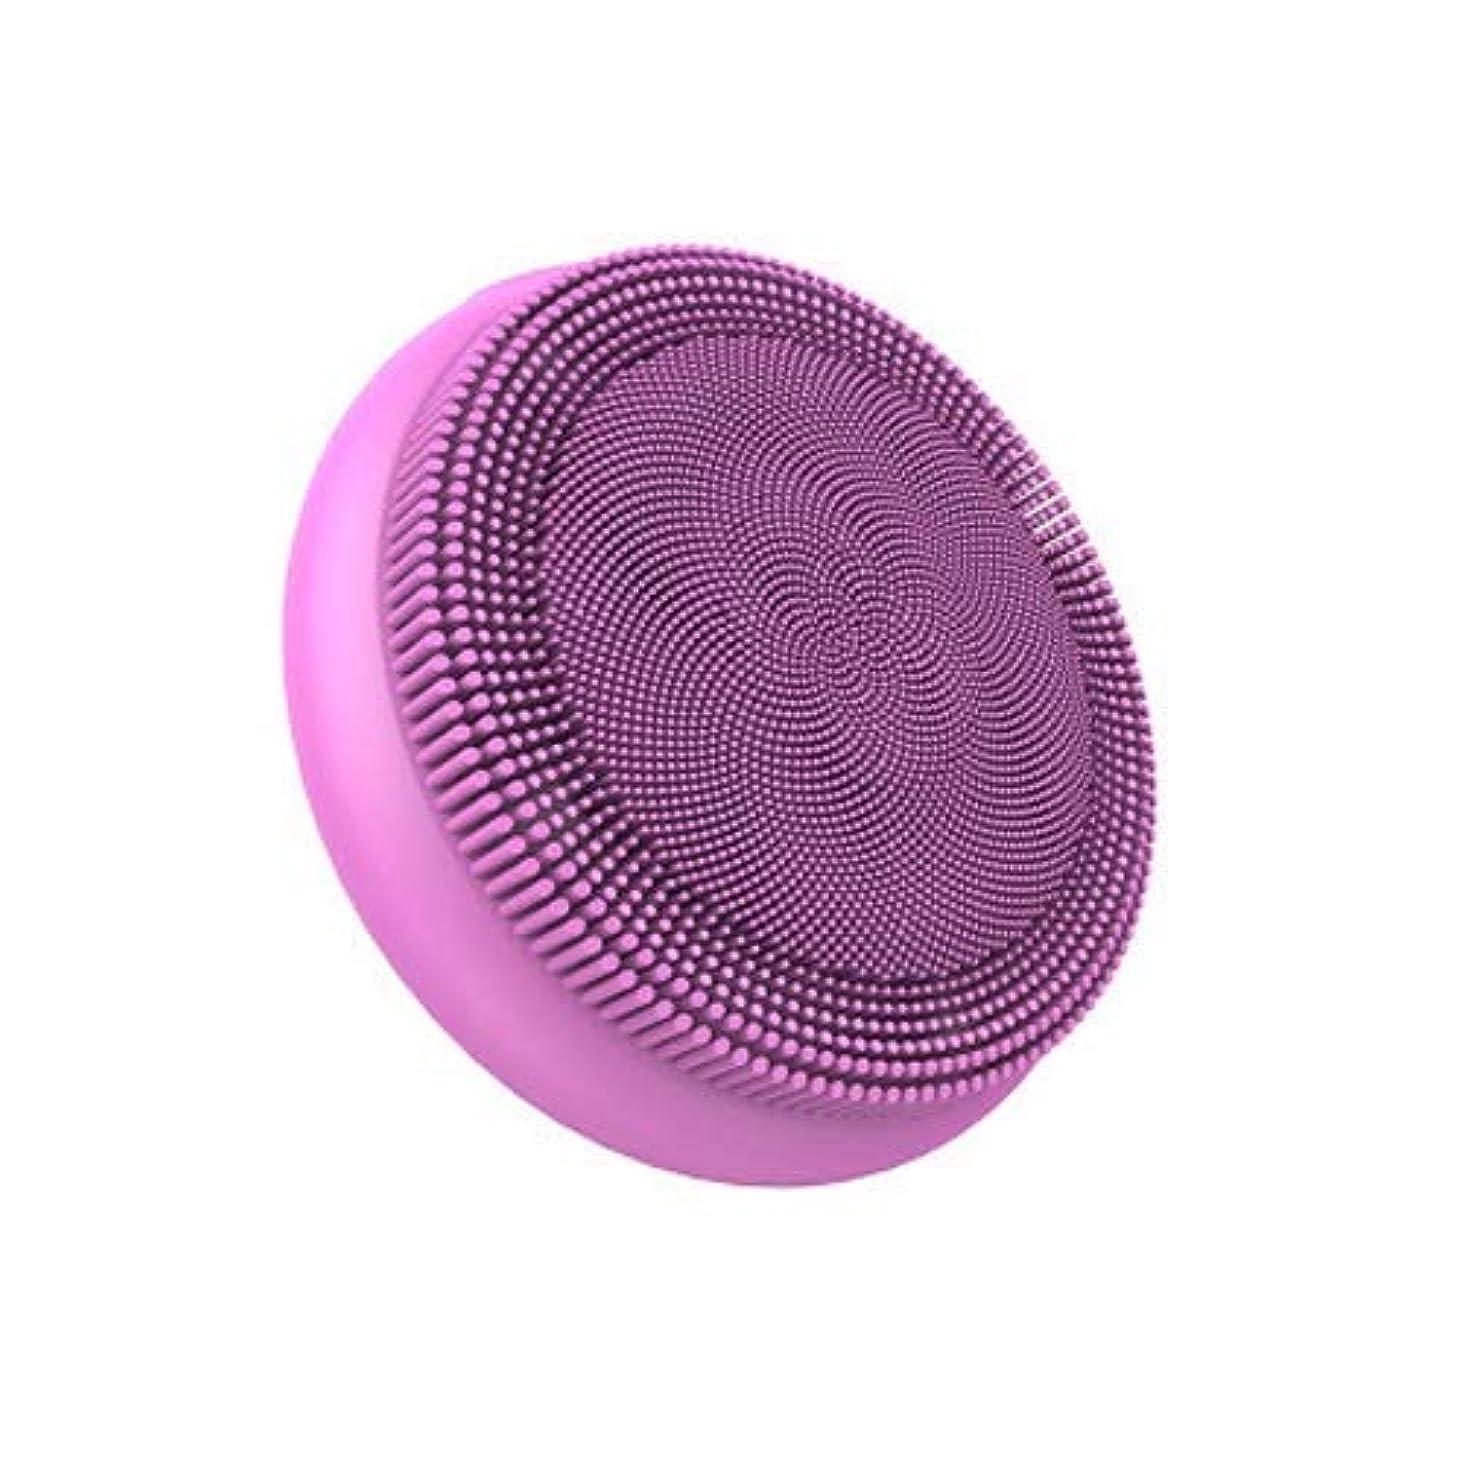 キャッチホーン悪党LYX エレクトリックシリコーンソニッククレンジングブラシ、ブラックヘッドクレンジングバックル付き機器およびUSB、エクスフォリエイティング、ディープクリーニングツール (Color : ピンク)